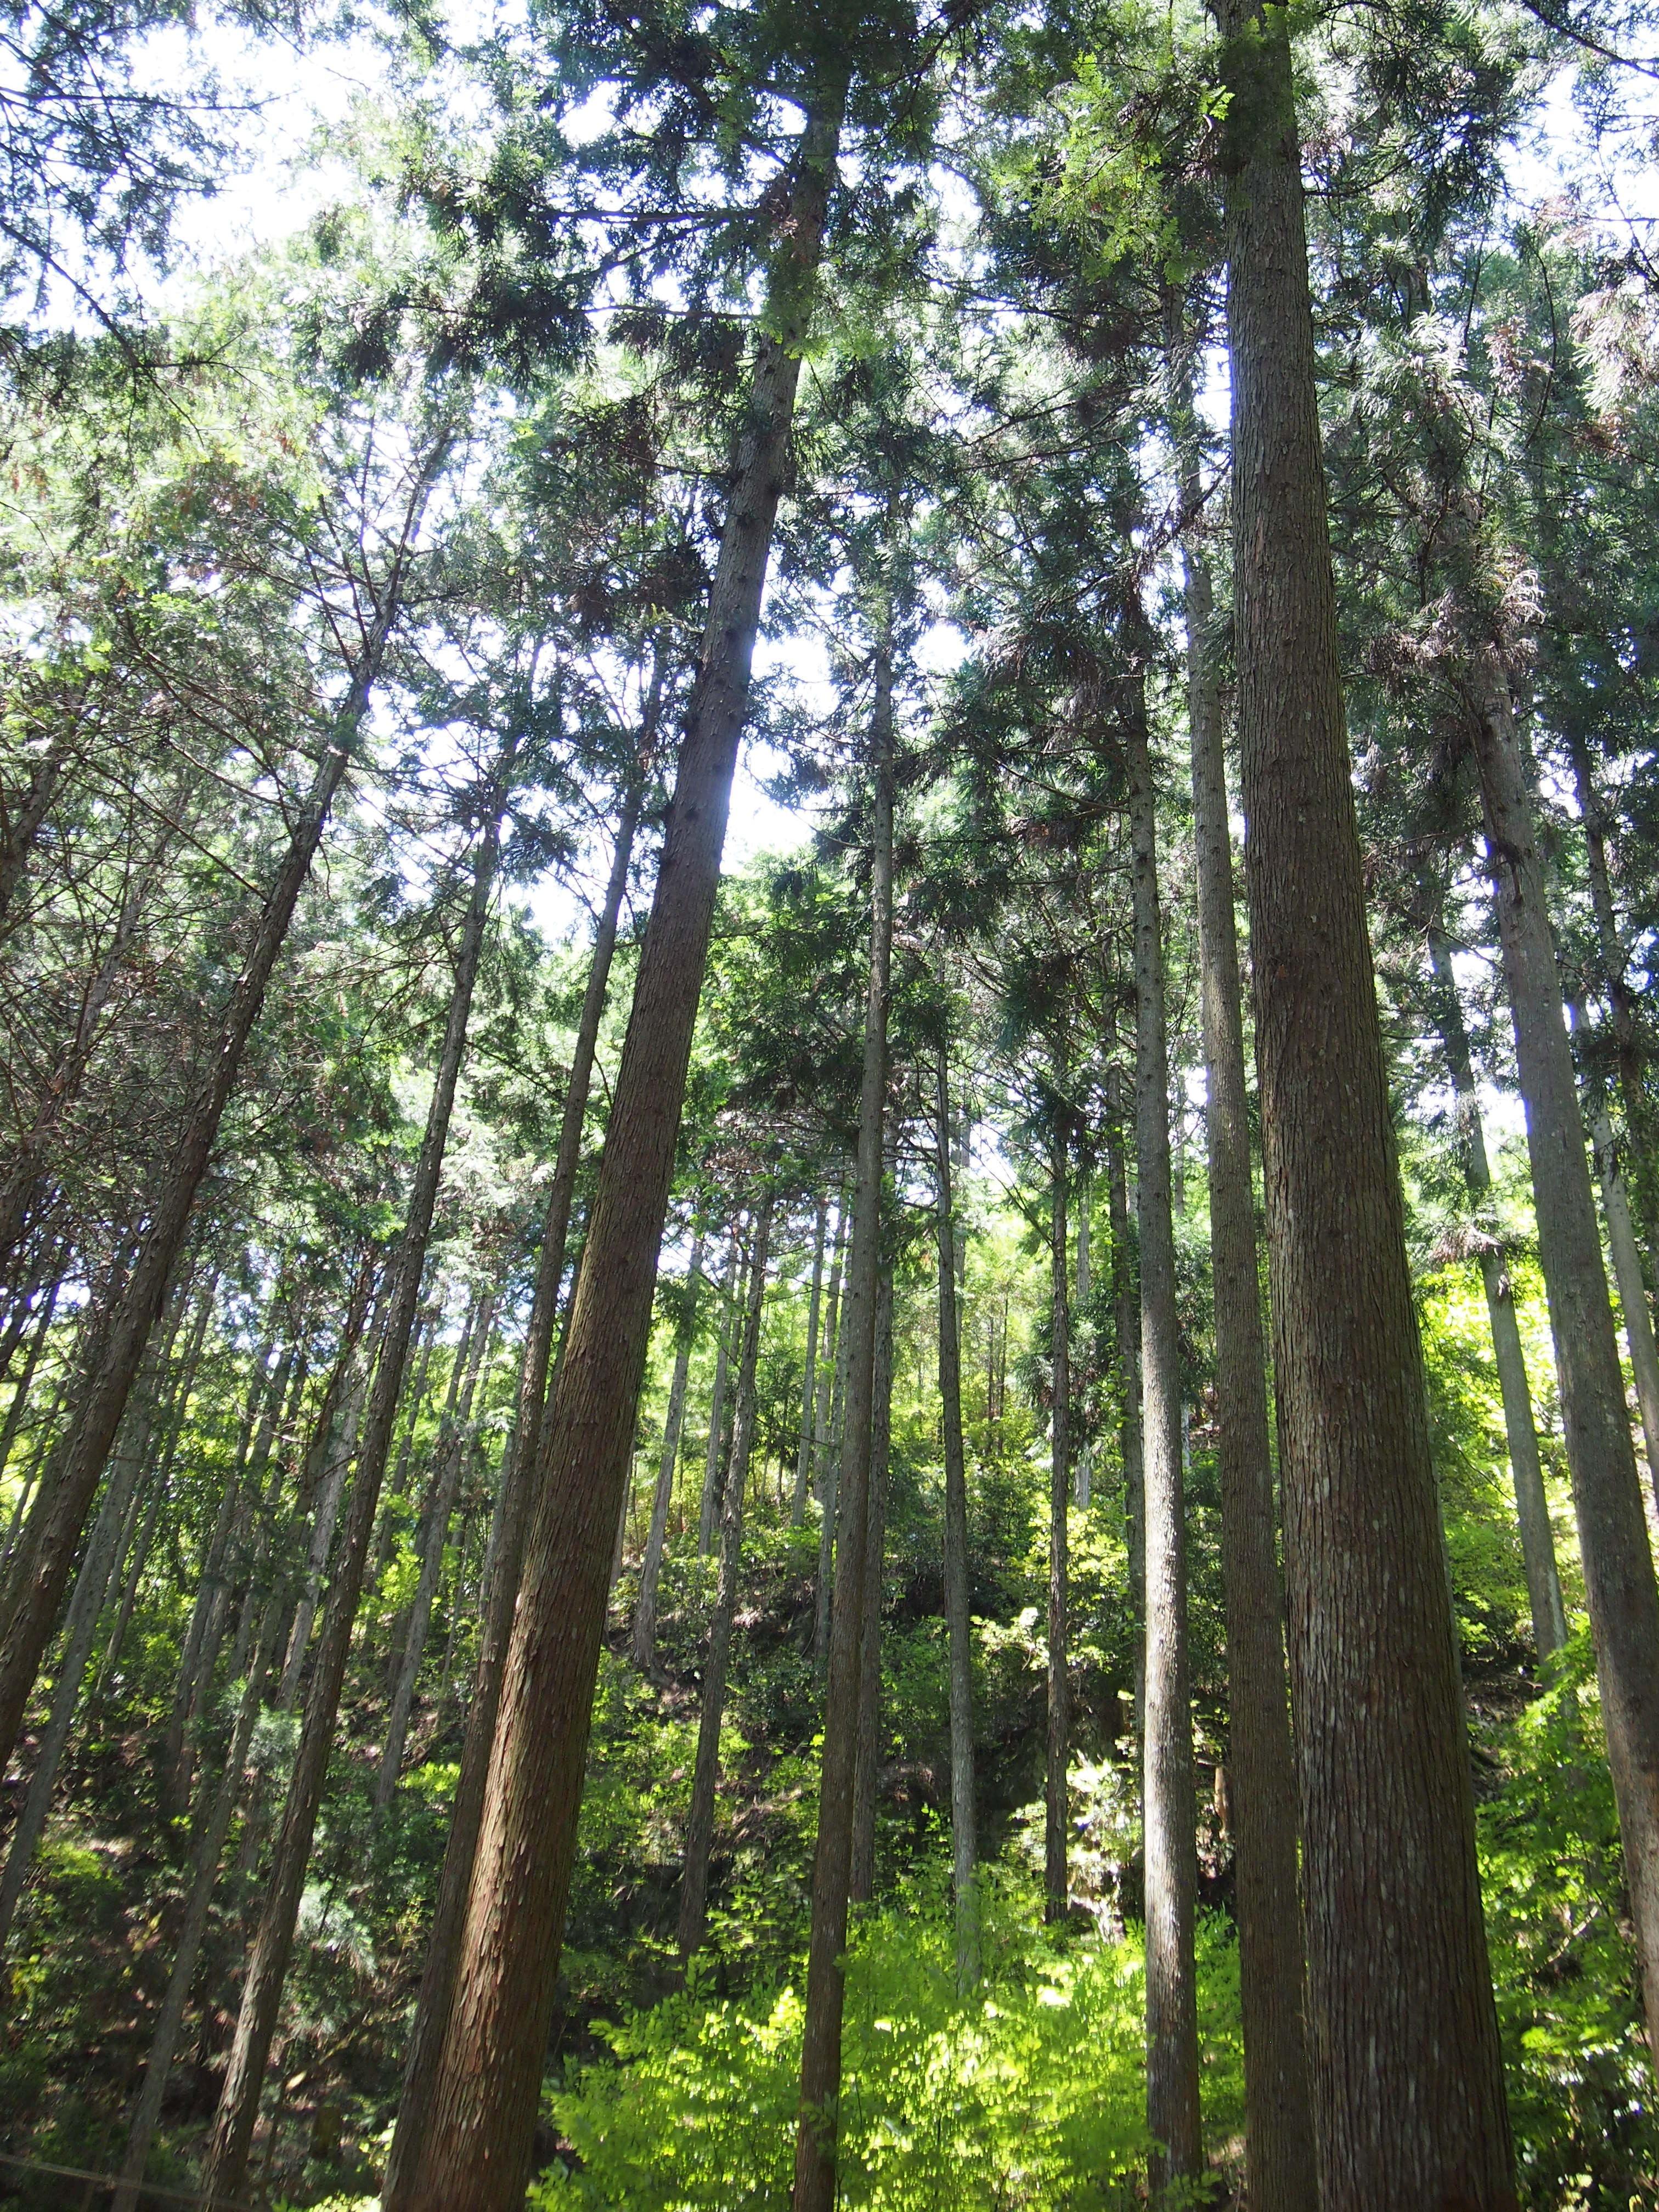 悠久の風景 吉野の道『吉野町森林セラピー』神仙峡 龍門の里コース